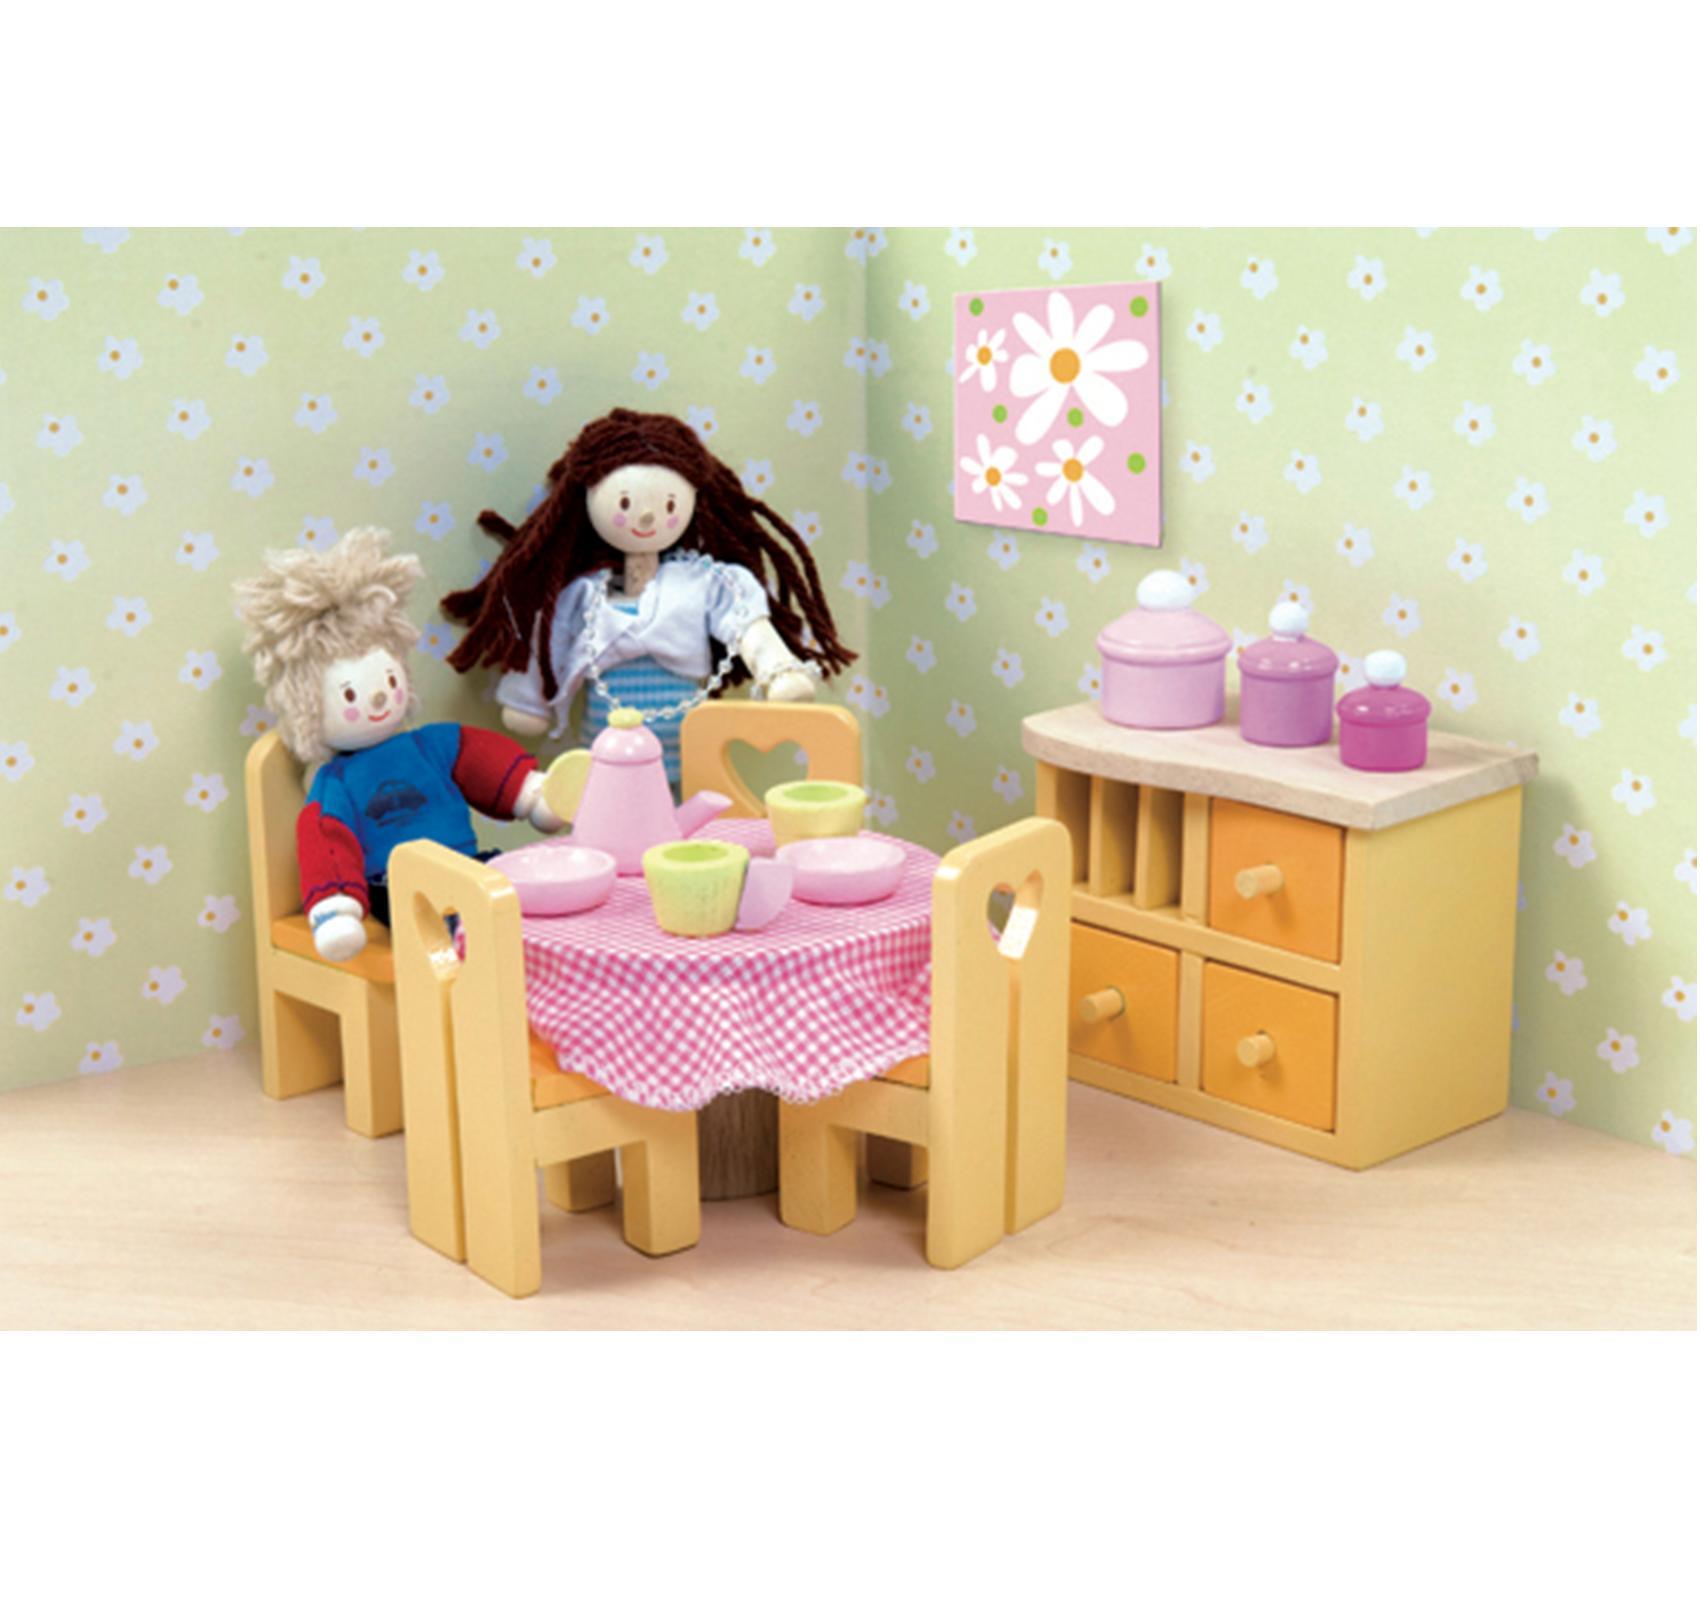 Кукольная мебель картинки для детей